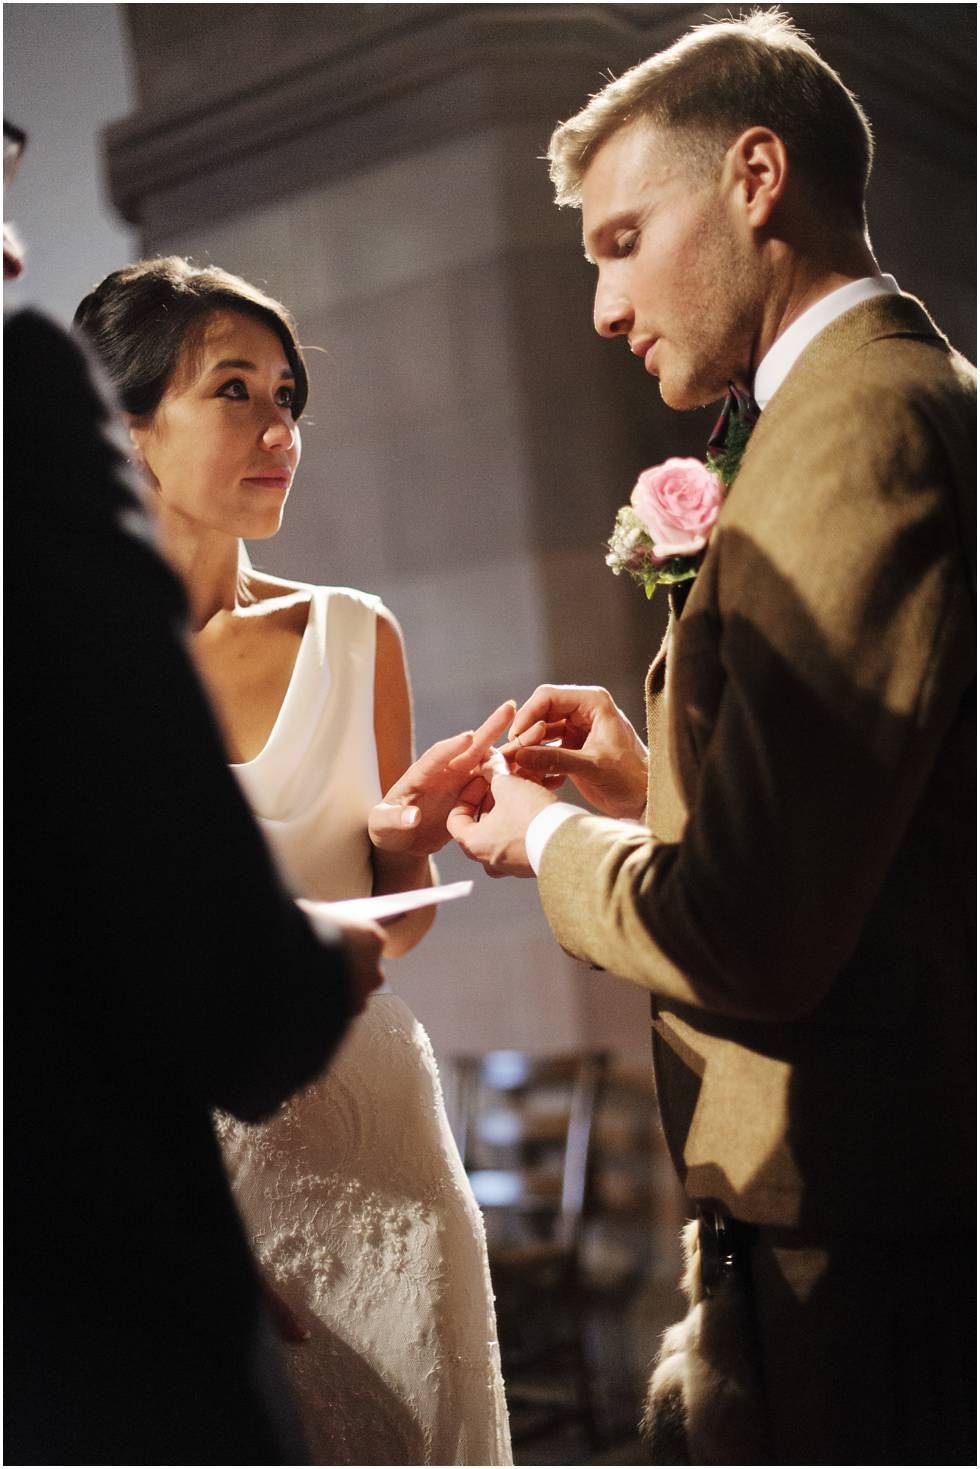 Wedding-photography-Tyninghame-East-Lothian-31.jpg